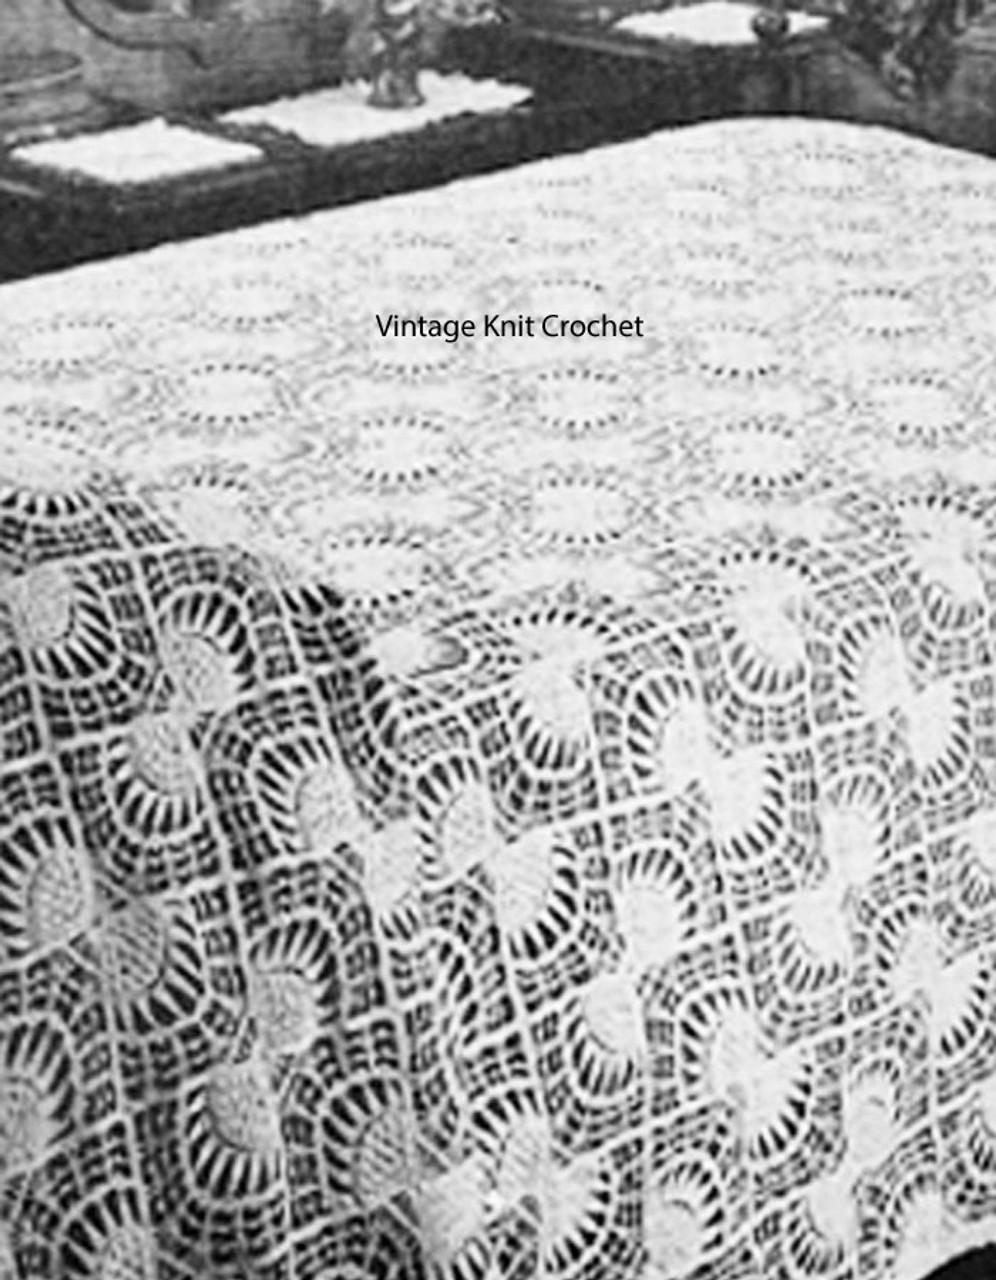 Vintage Crochet Bedspread Pattern, butterfly bows